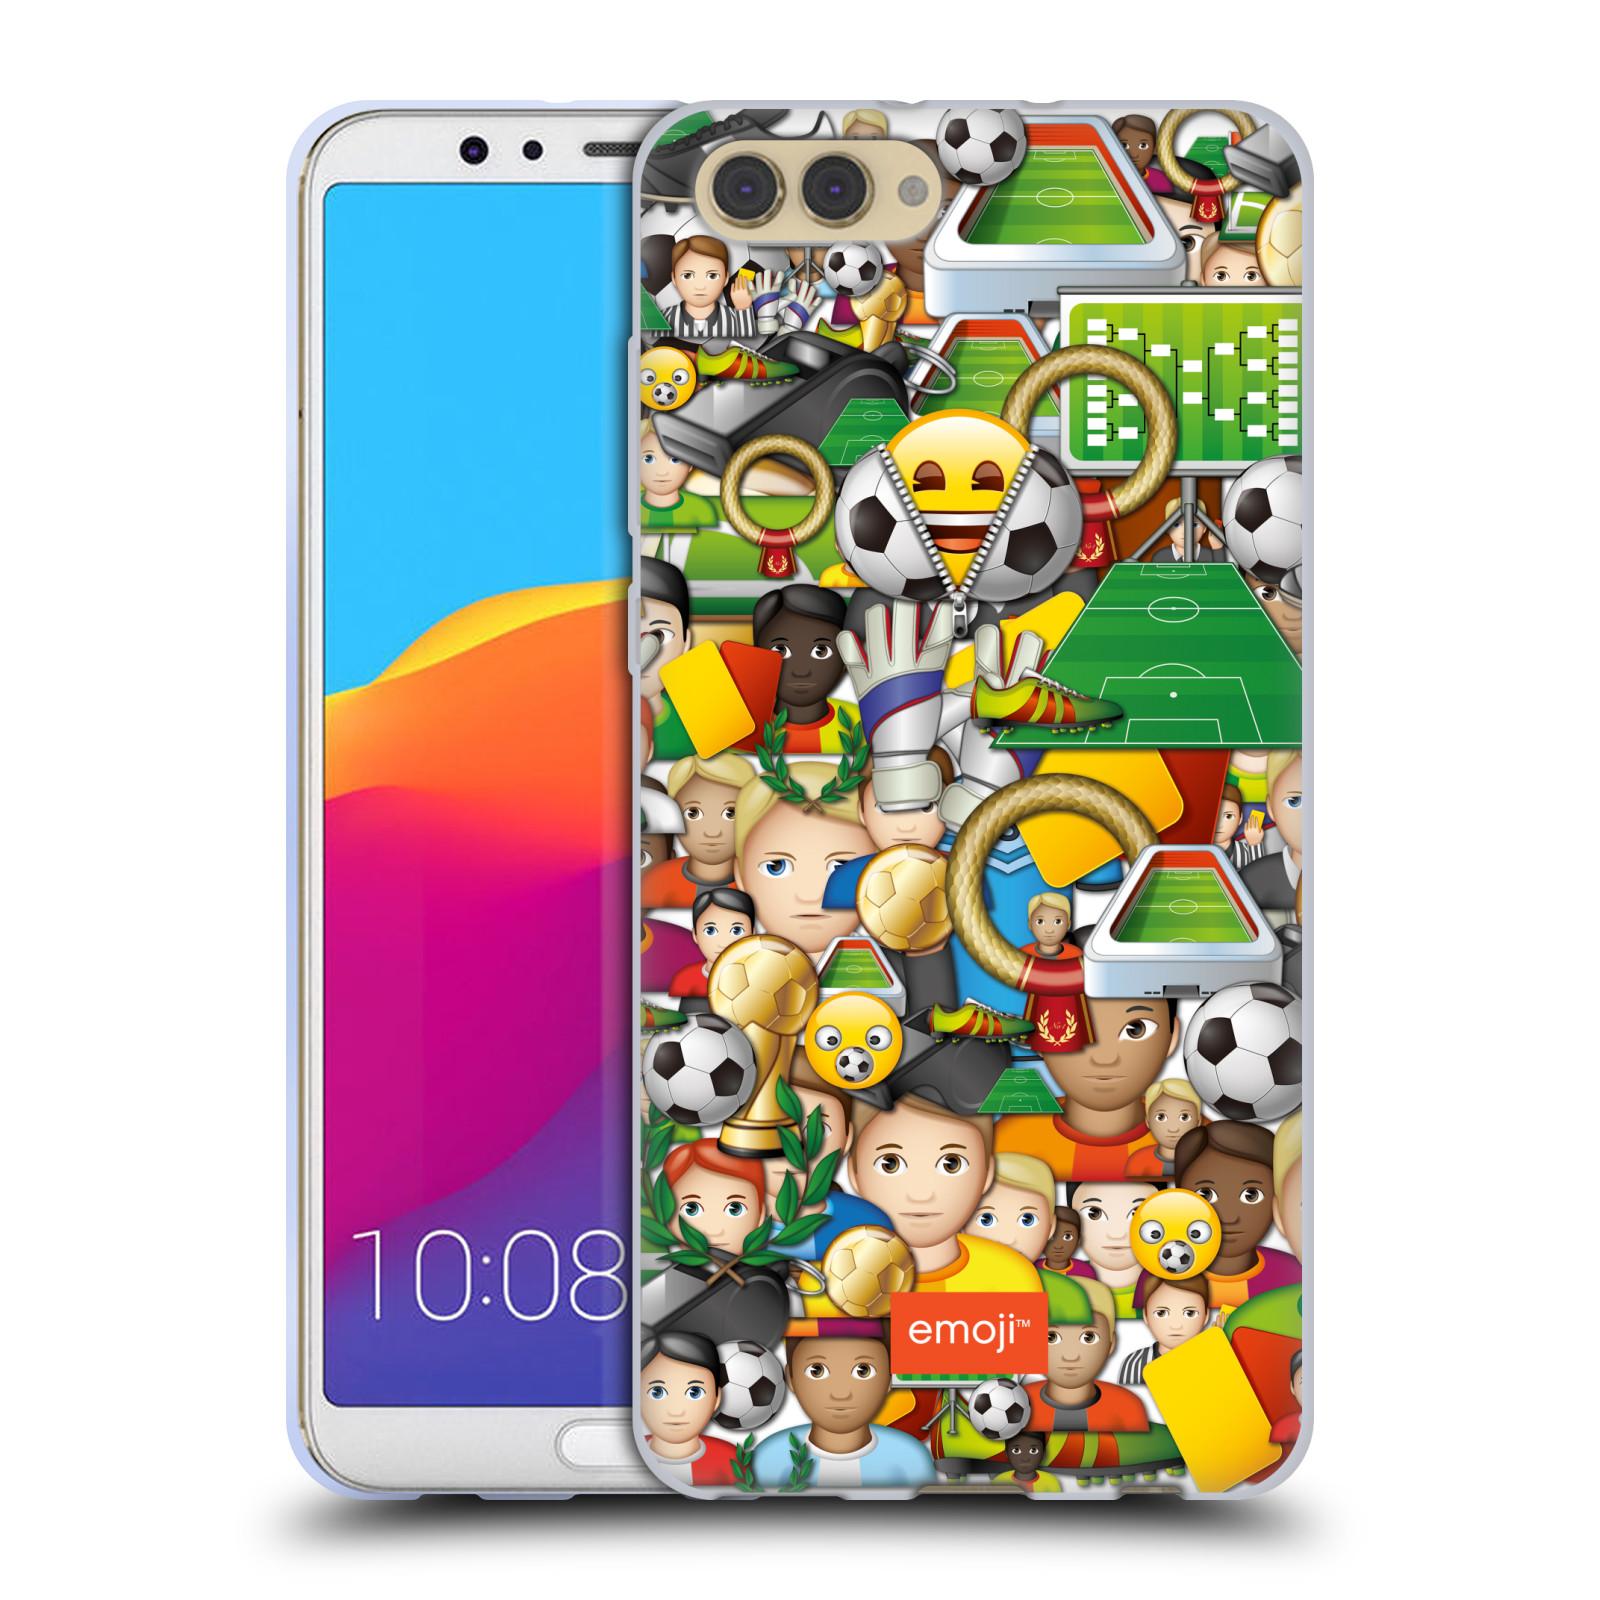 HEAD CASE silikonový obal na mobil Huawei HONOR VIEW 10 / V10 smajlíci oficiální kryt EMOJI vzor fotbal koláž